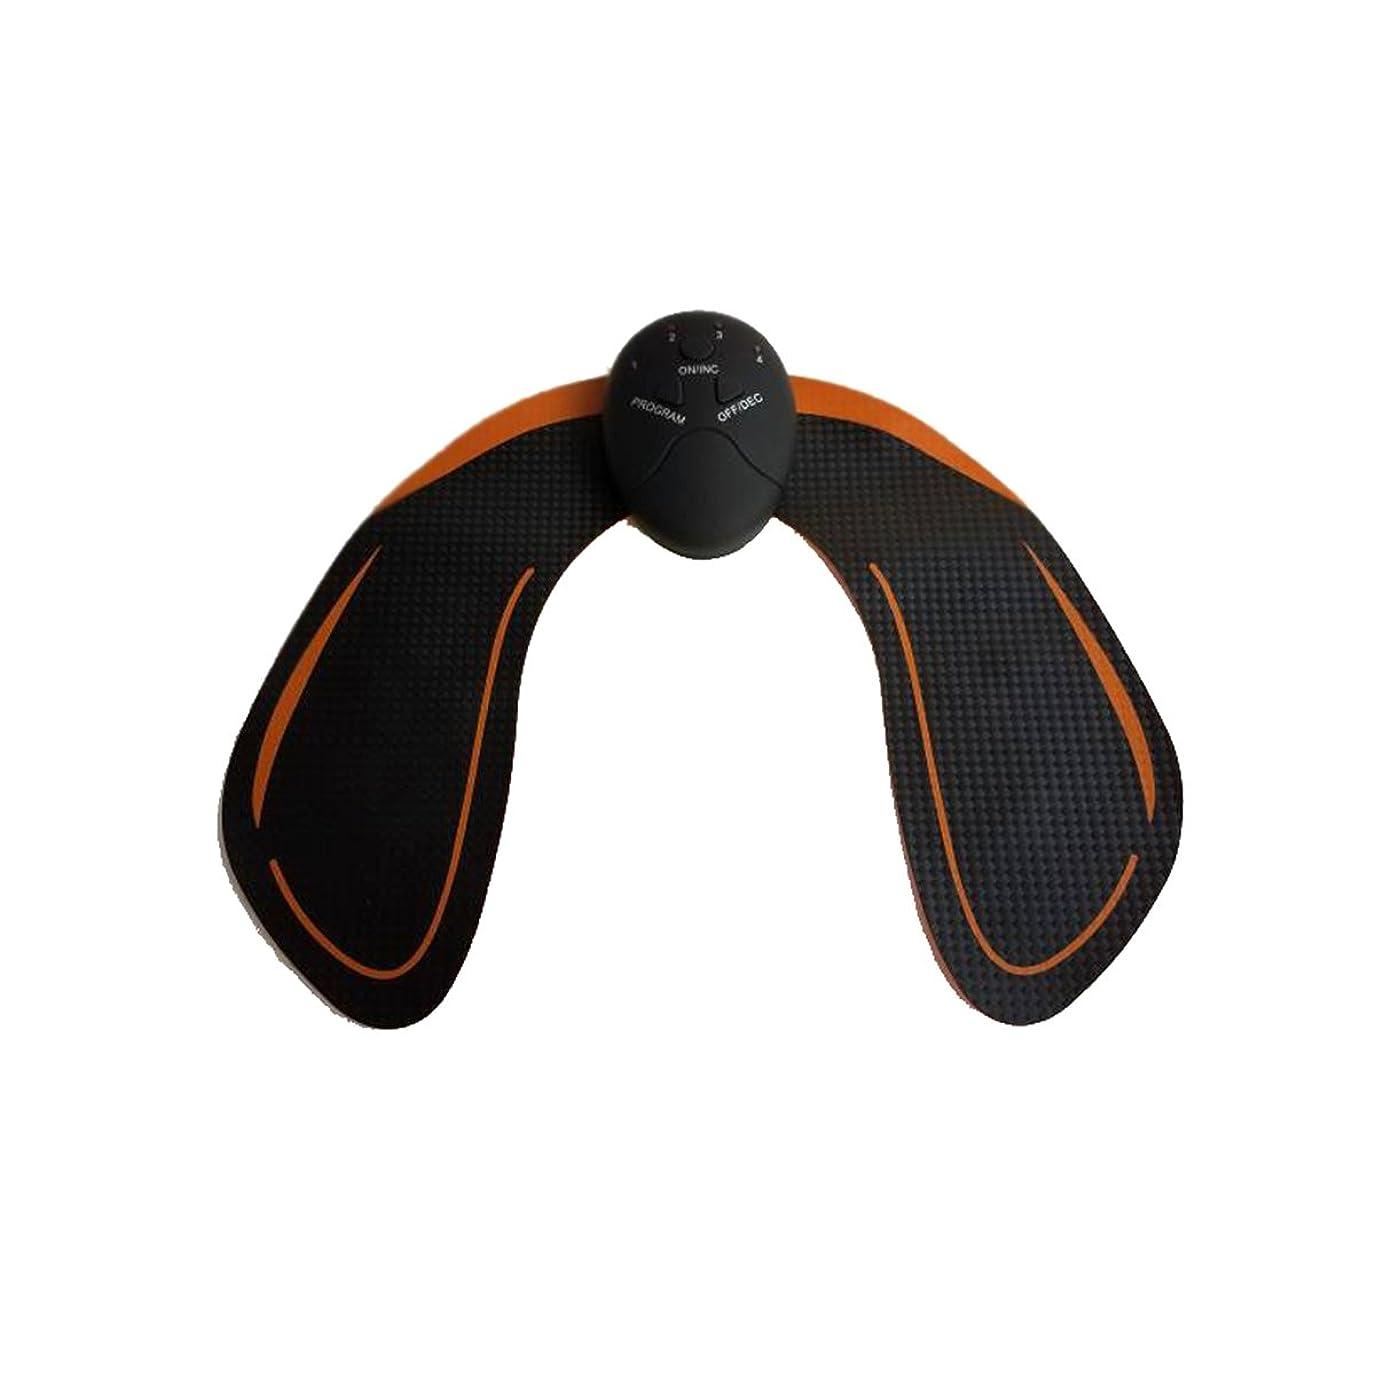 傾向があります光電期限切れSUPVOX 電池式ボディ美容機器を持ち上げるお尻のヒップトレーナー(ブラック)